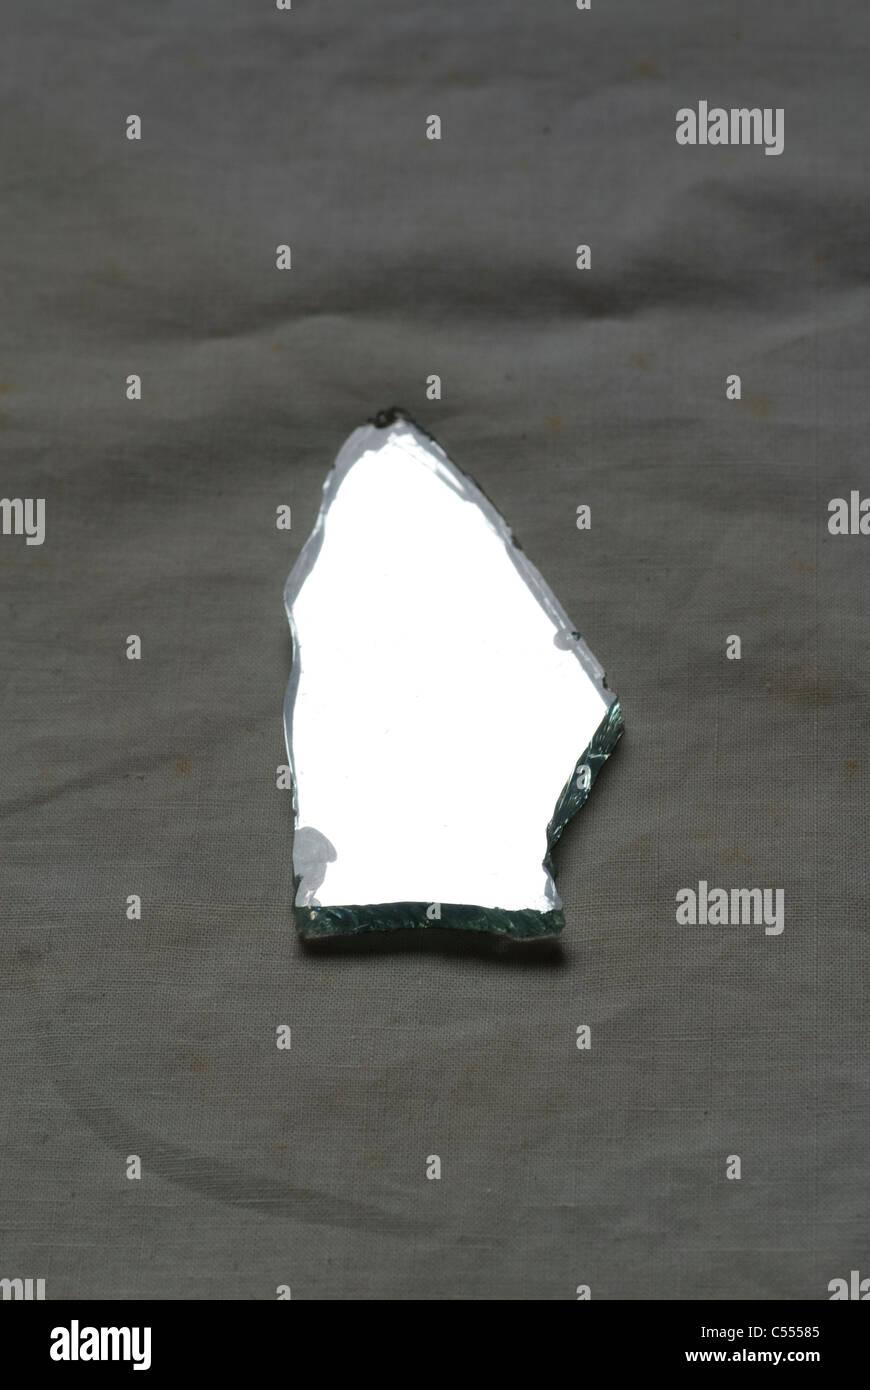 Piece of a broken mirror